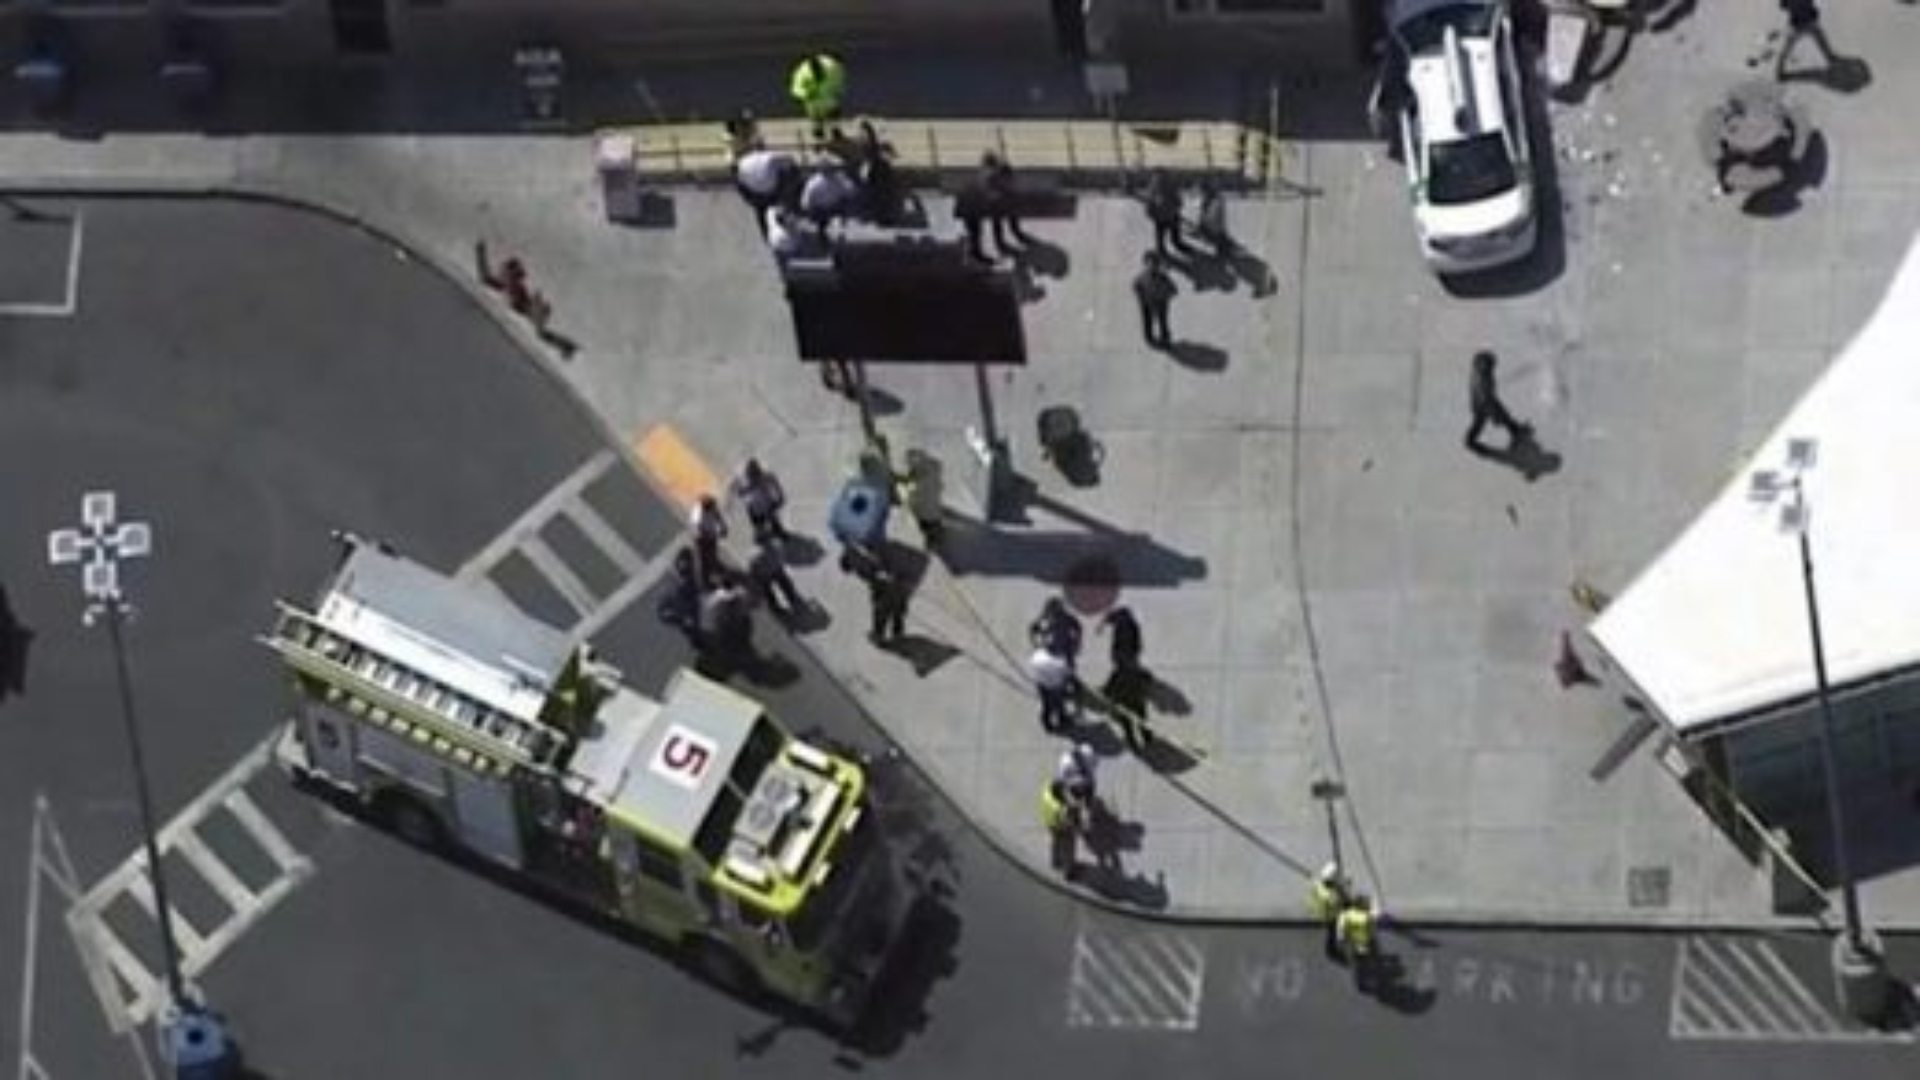 تصادف نزدیک فرودگاه بوستون آمریکا | تگ